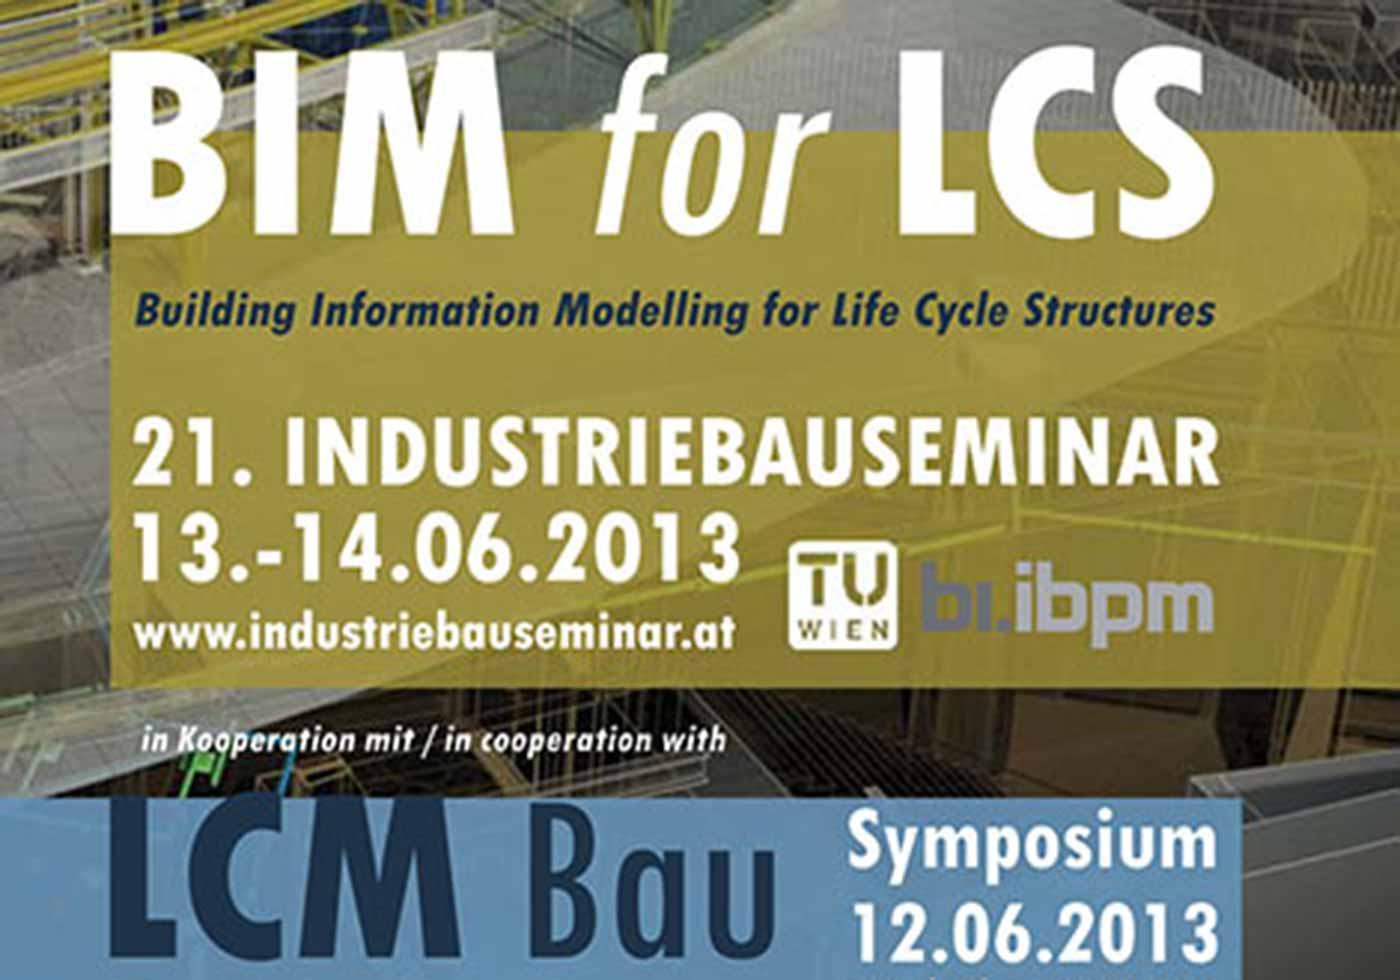 Семинар по промышленному строительству «Технология BIM для структур жизненного цикла»